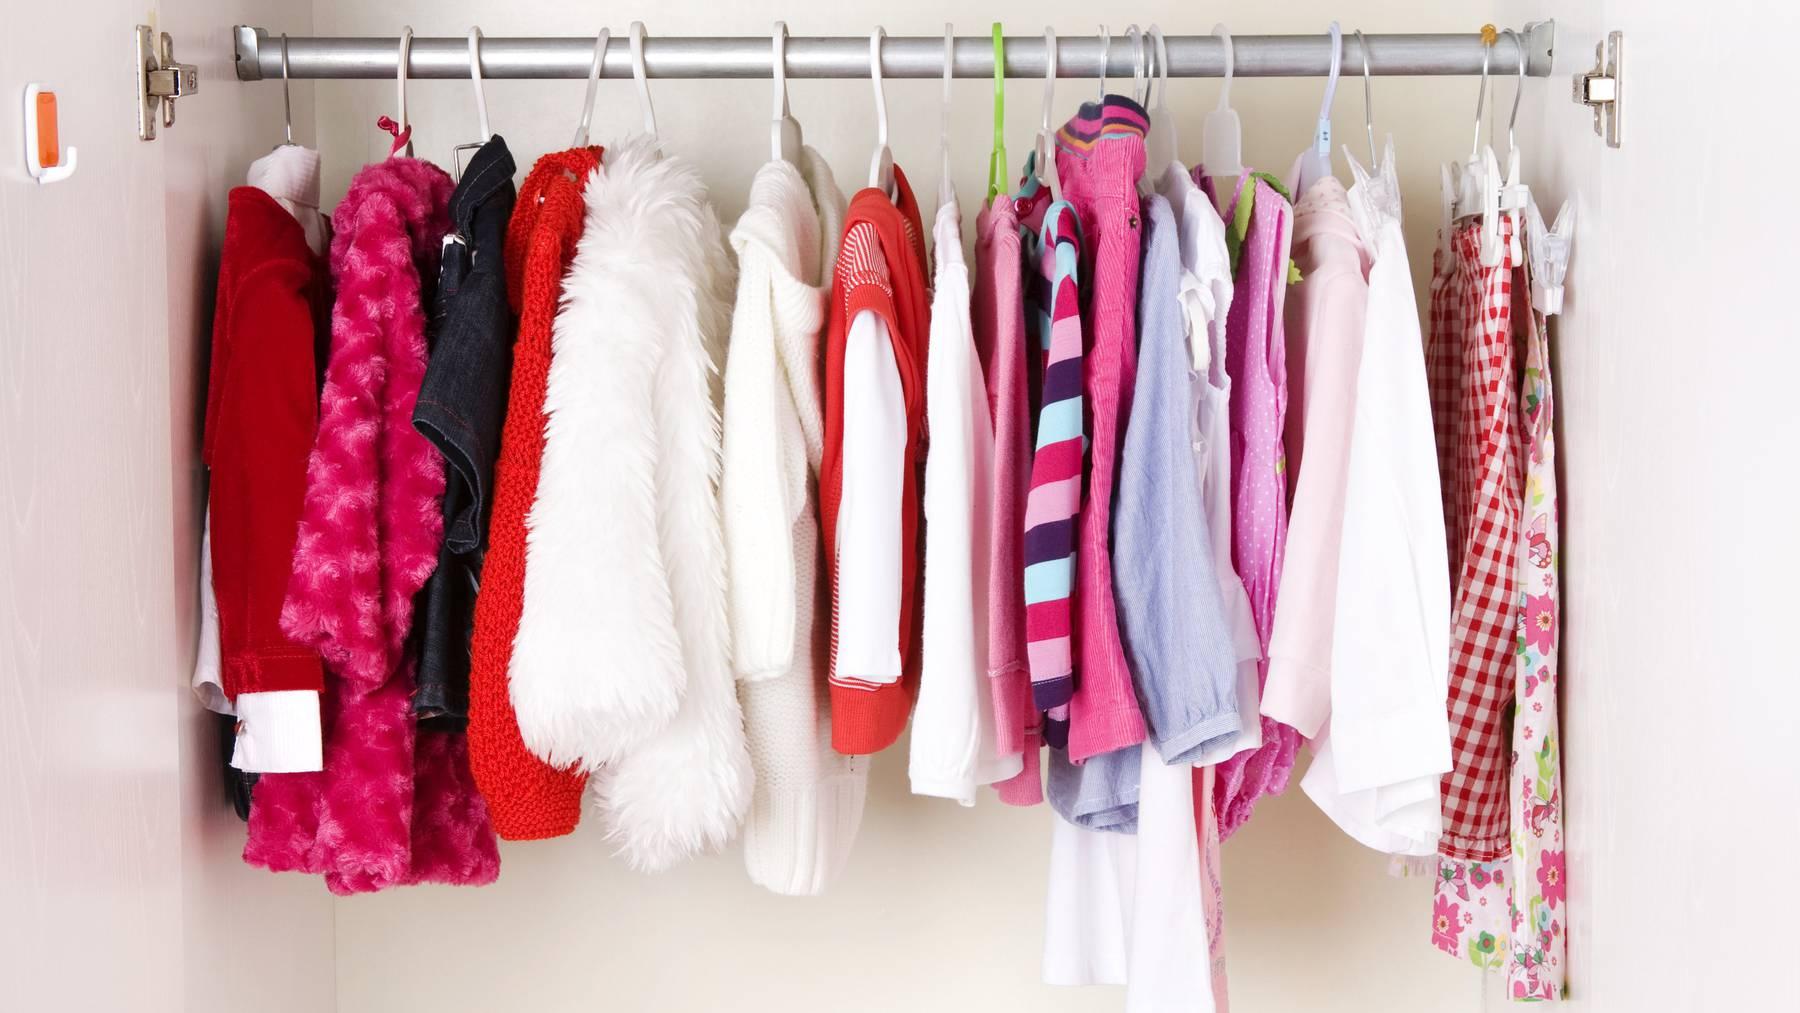 (Symbolbild) Kinderkleider aus St.Galler Geschäft gestohlen.